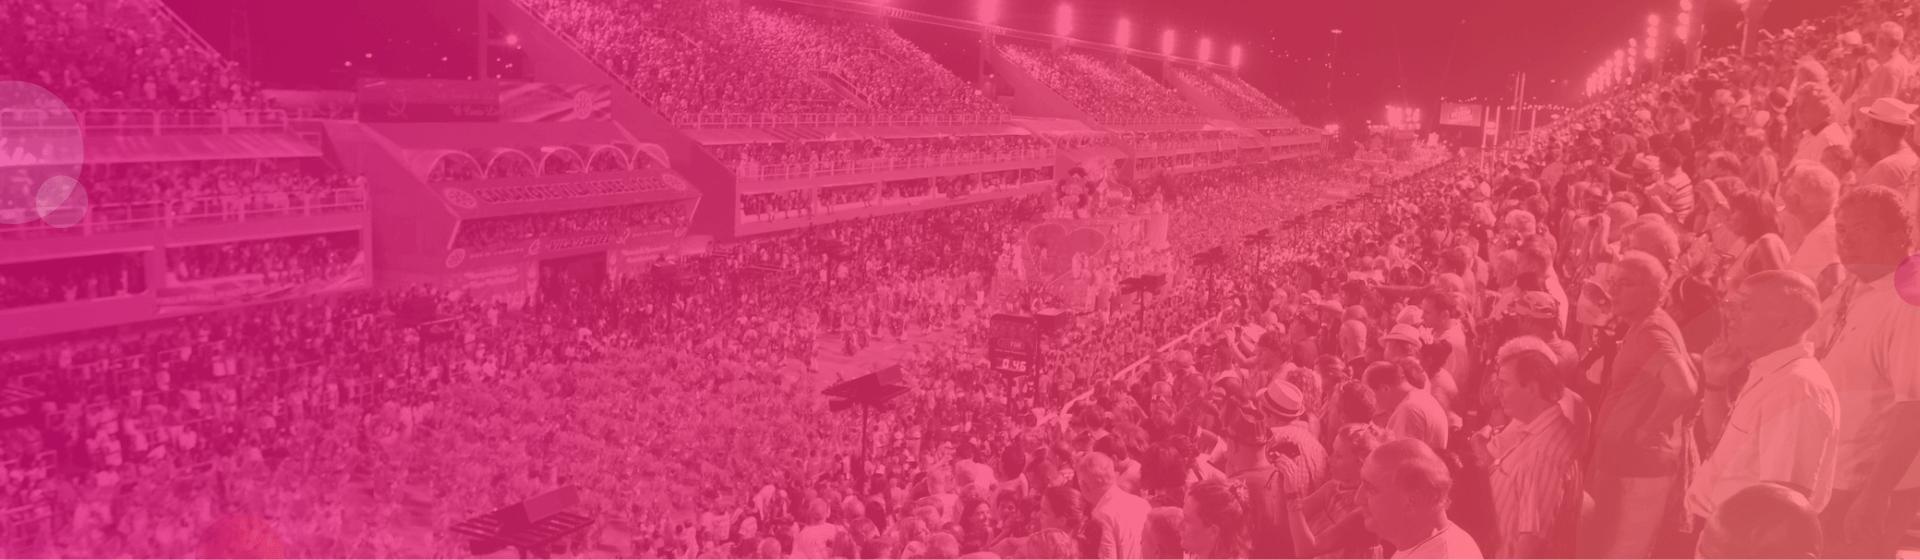 Biglietti del Sambodromo per il Carnevale di Rio